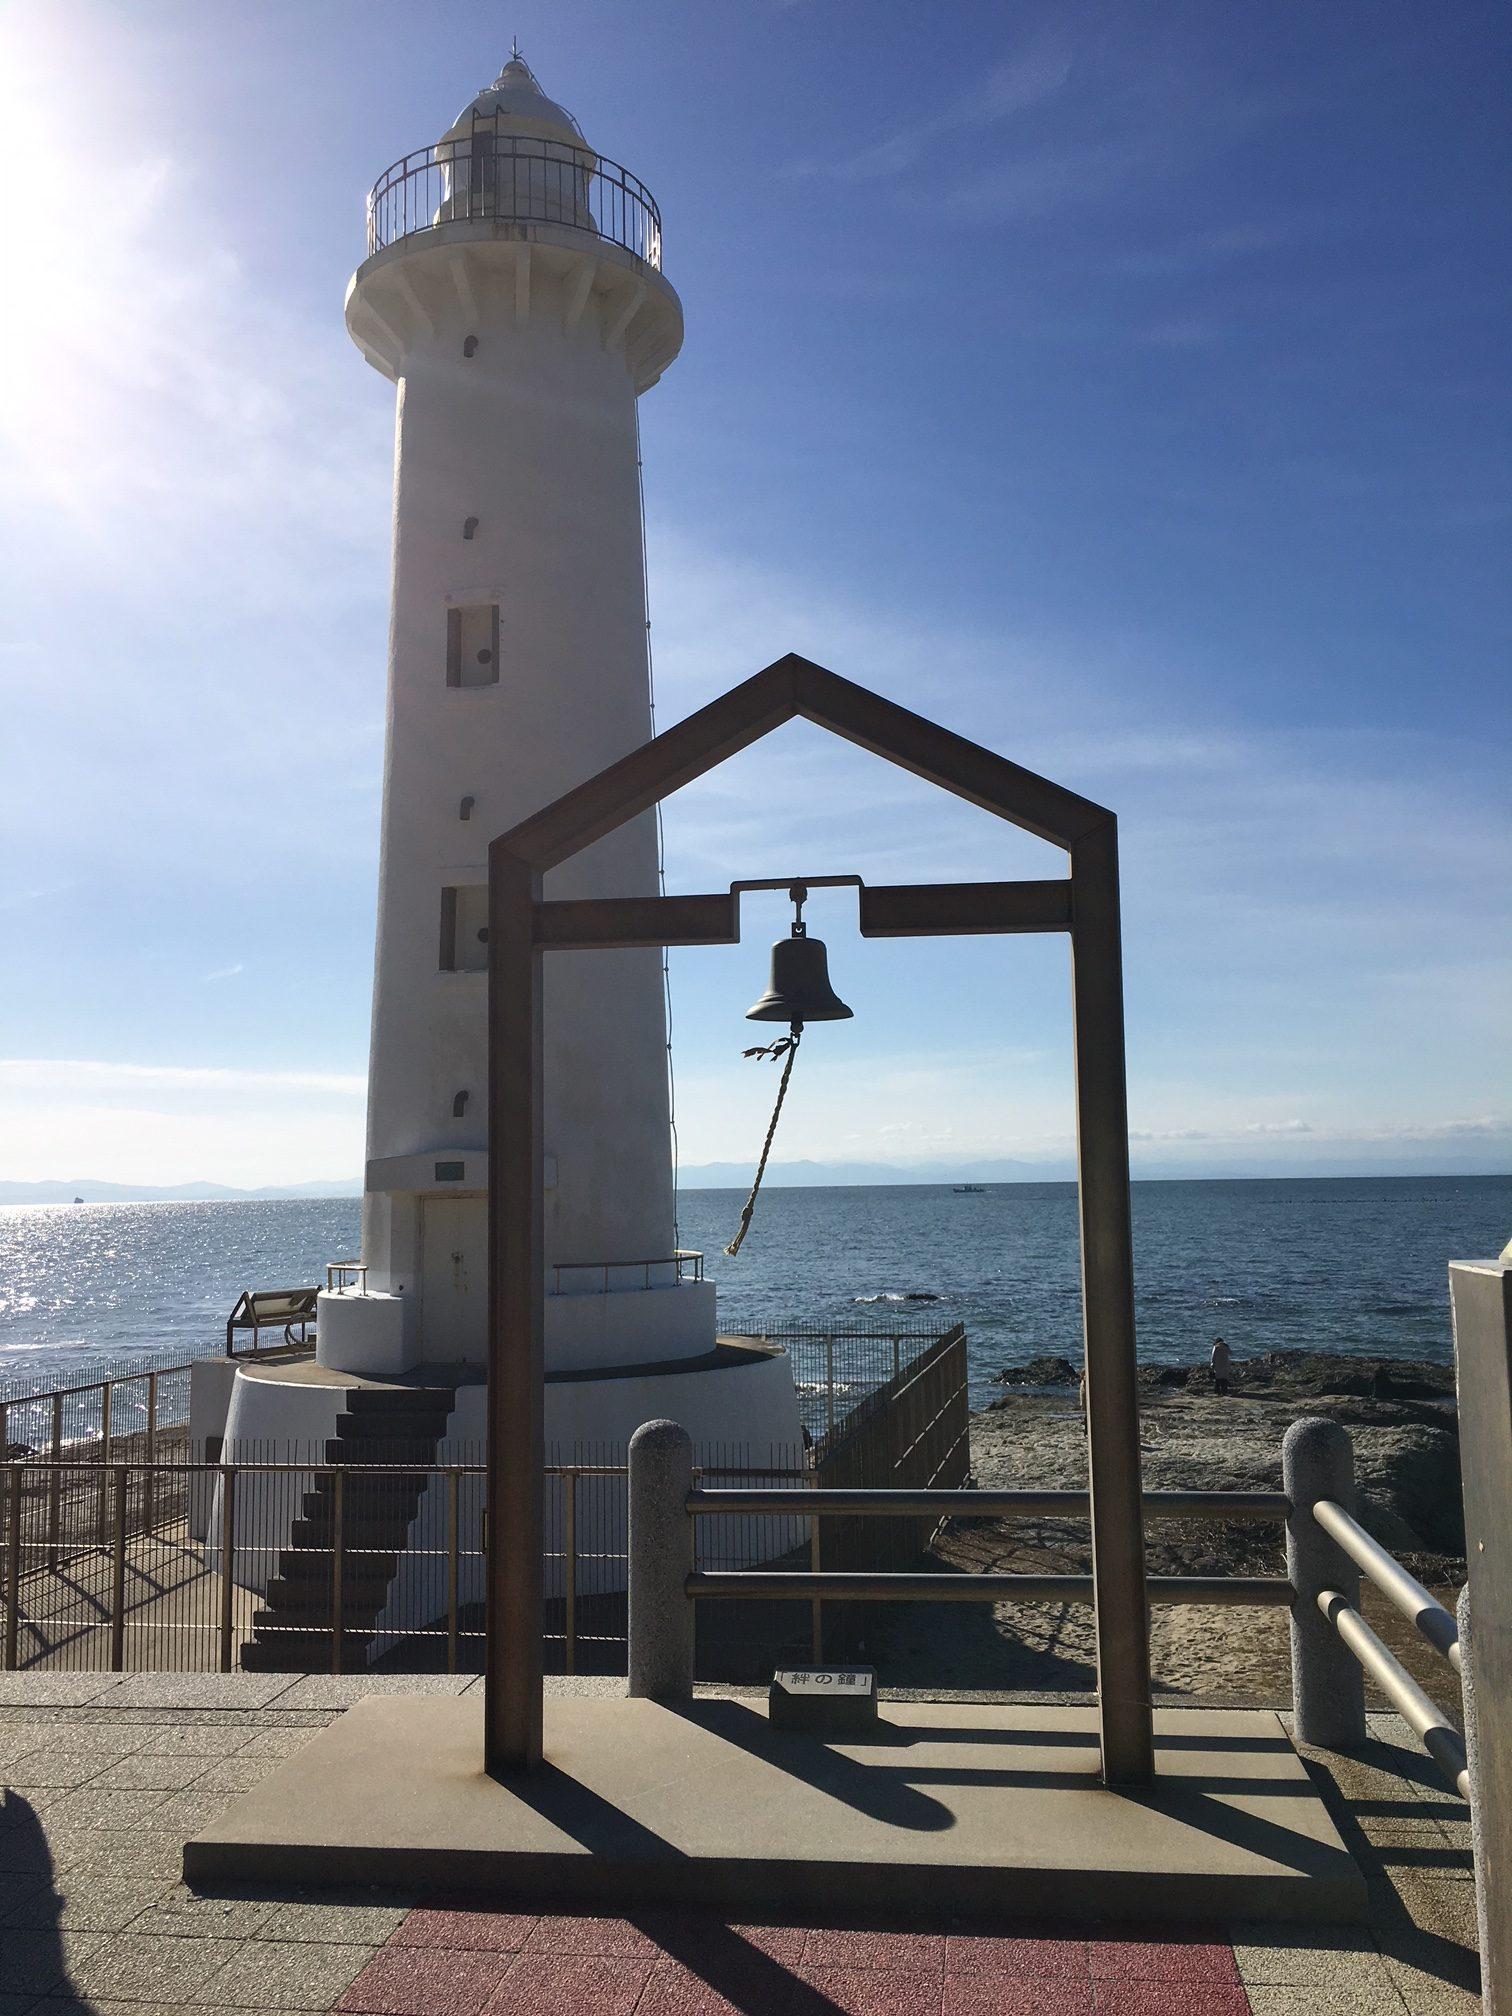 愛知県知多半島にある恋人達の人気スポット 【野間崎灯台】と【恋の水神社】